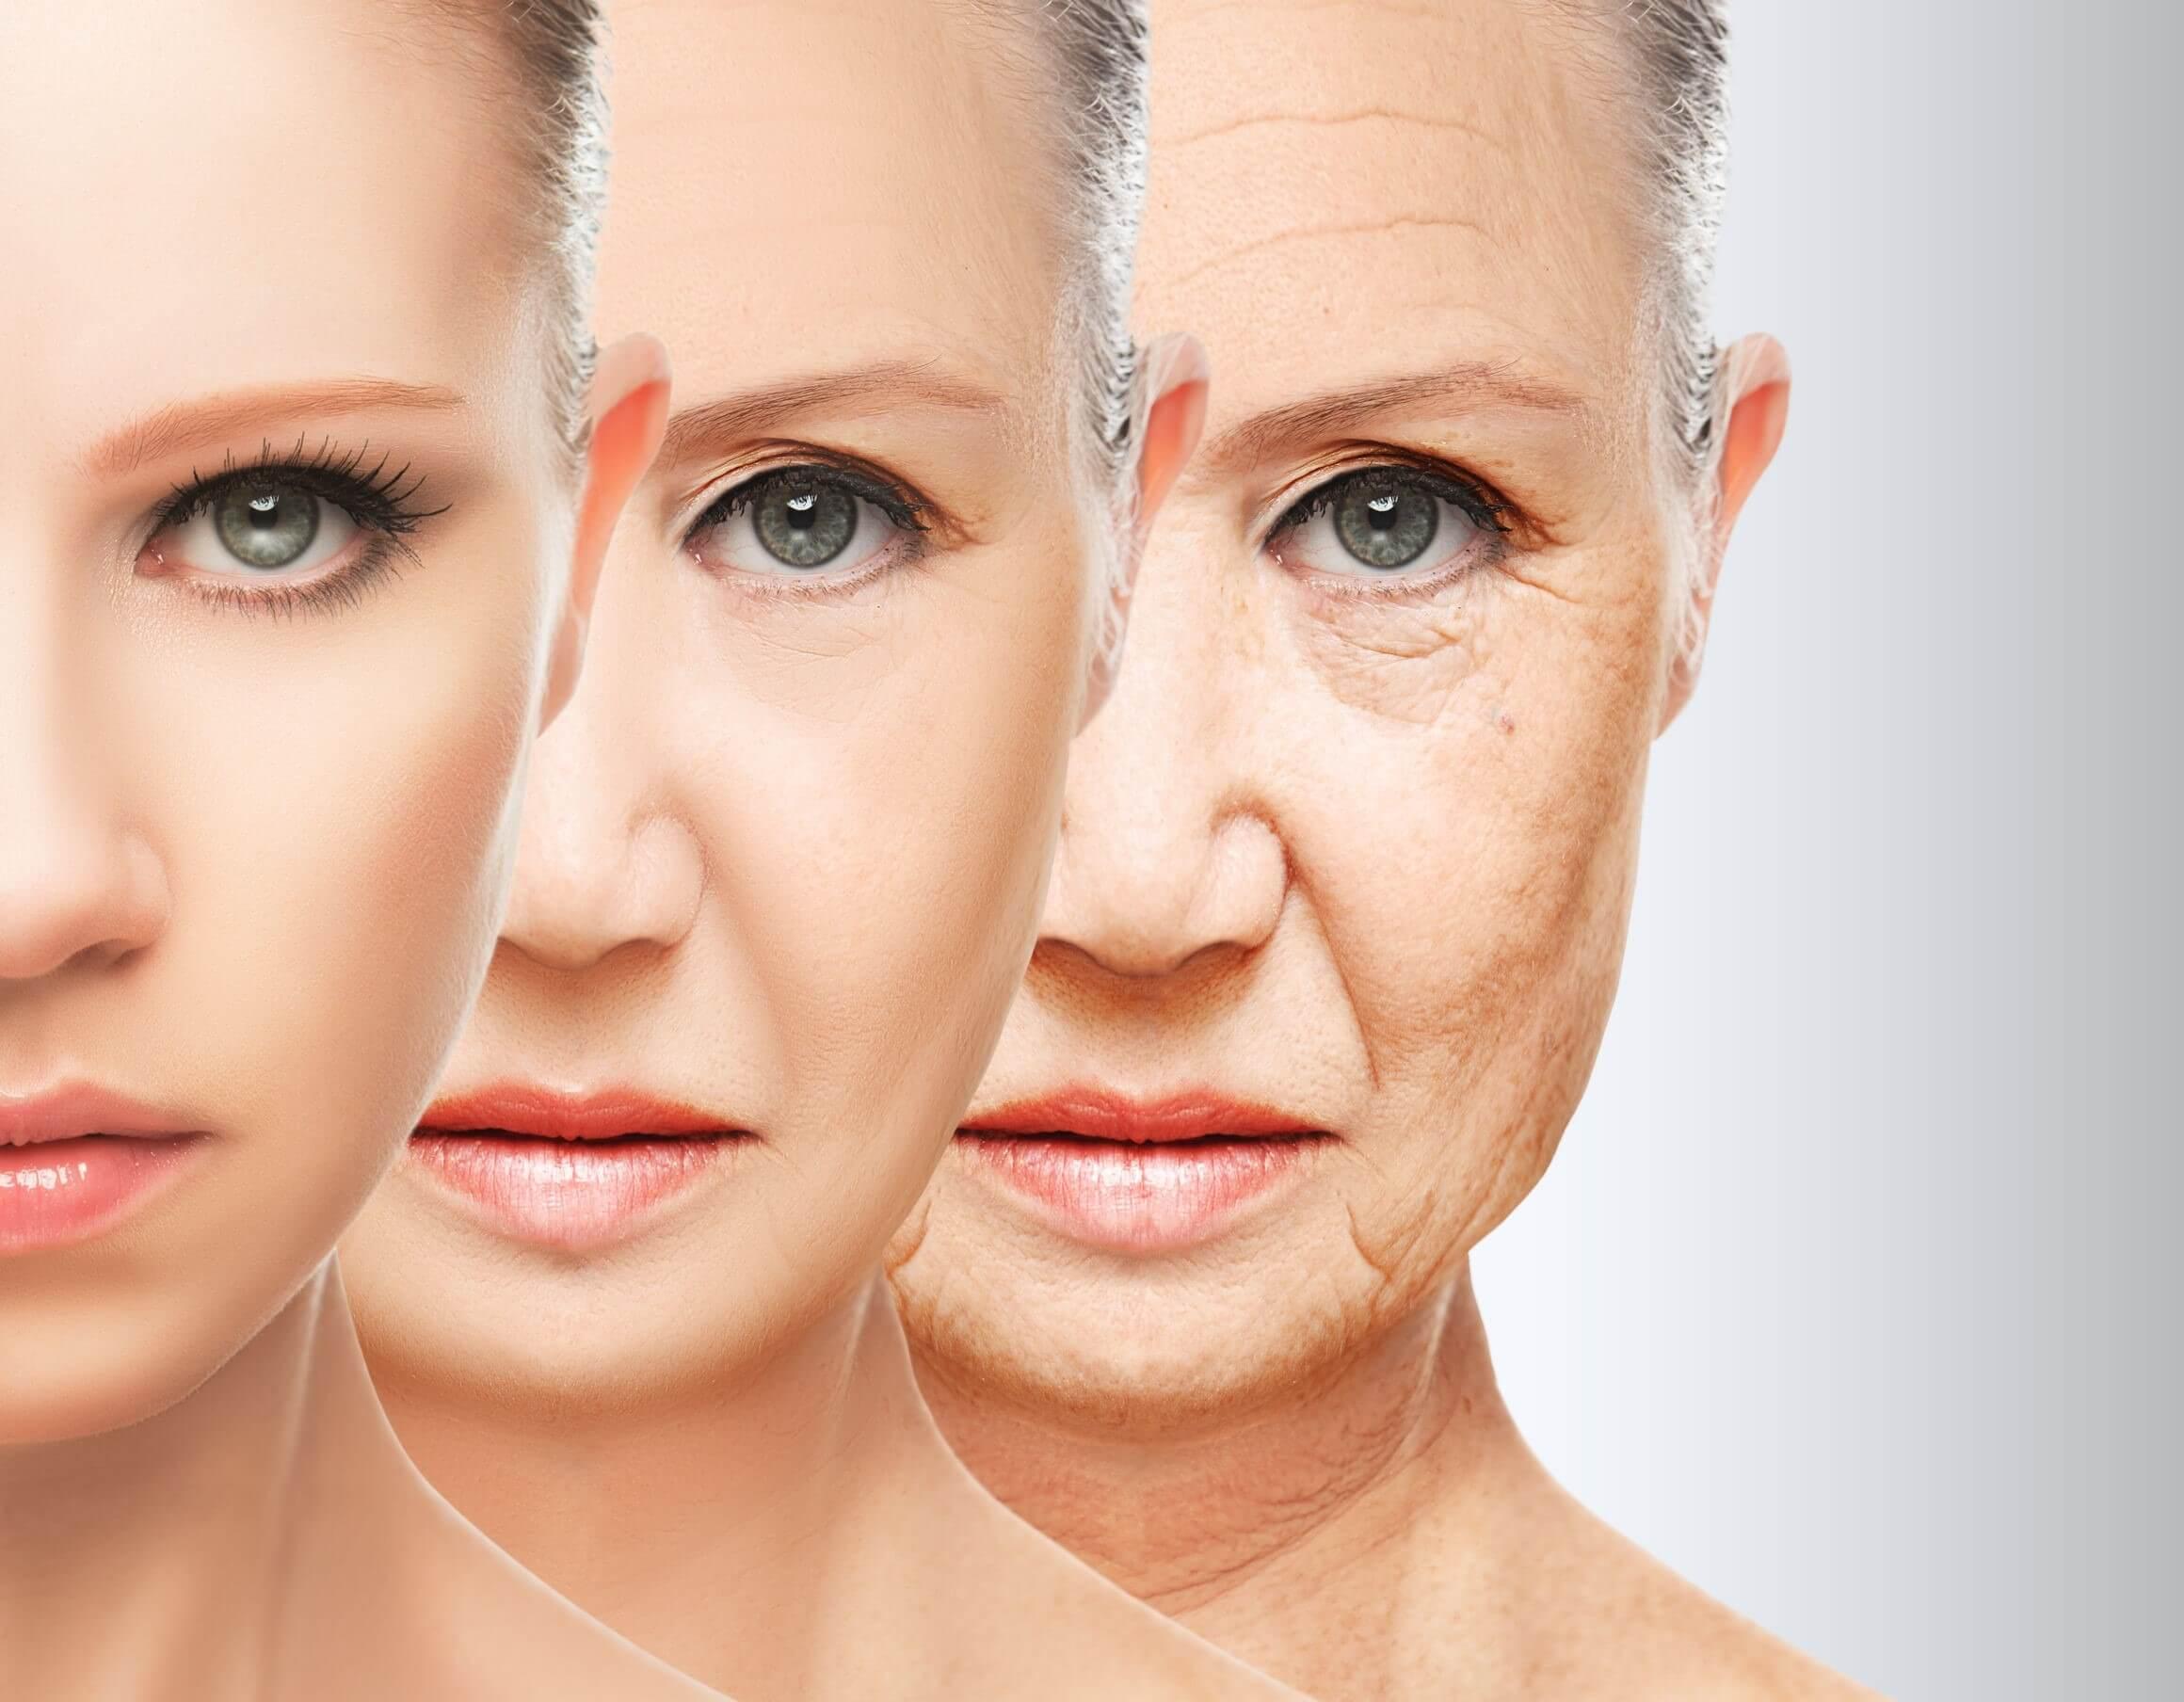 Что такое фракционное лазерное омоложение кожи лица?